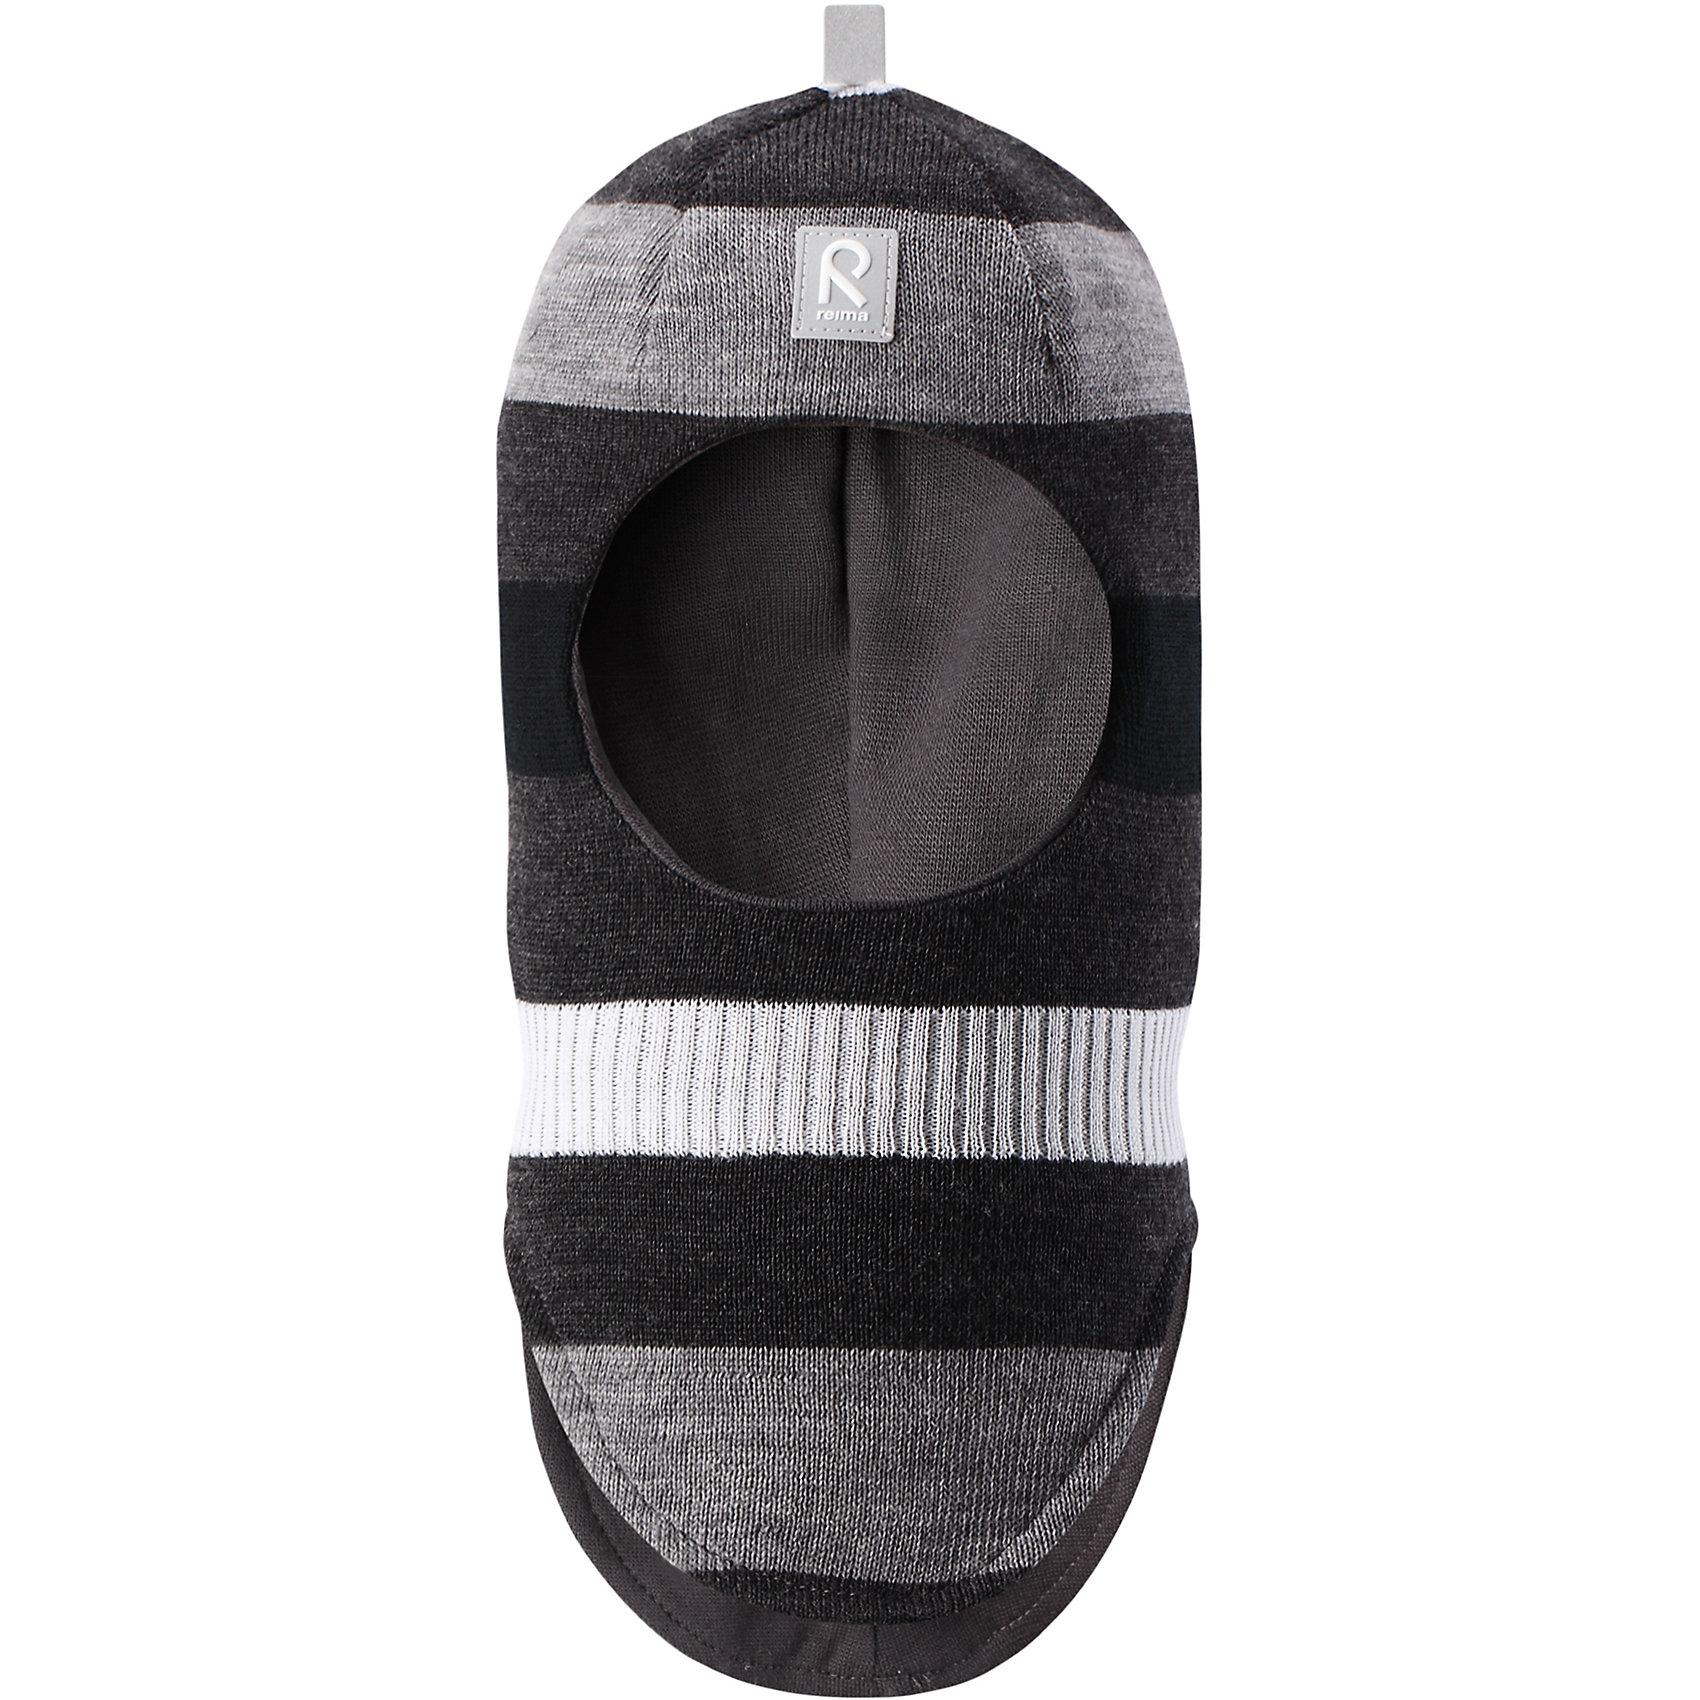 Шапка-шлем Reima StarrieГоловные уборы<br>Характеристики товара:<br><br>• цвет: черный/серый;<br>• состав: 100% шерсть;<br>• подкладка: 97% хлопок, 3% эластан<br>• температурный режим: от 0 до -20С;<br>• сезон: зима; <br>• особенности модели: вязаная, на подкладке;<br>• мягкая ткань из мериносовой шерсти для поддержания идеальной температуры тела;<br>• сплошная подкладка: хлопковый трикотаж с эластаном;<br>• ветронепроницаемые вставки в области ушей;<br>• светоотражающая эмблема;<br>• логотип Reima спереди;<br>• страна бренда: Финляндия;<br>• страна изготовитель: Китай.<br><br>Вязаная шапка-шлем в полоску из коллекции Reima® Originals защищает голову малыша в холодную пору. Эта шапка-шлем для малышей и детей постарше связана из теплой шерсти и подшита мягкой на ощупь подкладкой из смеси хлопка и эластана, которая удобно облегает голову.<br><br>Ветронепроницаемые вставки в области ушей, вшитые между подкладкой и верхним слоем, защищают ушки от холодного ветра. Эта классическая модель хорошо закрывает лоб, щечки и шею. <br><br>Шапка-шлем Reima Starrie от финского бренда Reima (Рейма) можно купить в нашем интернет-магазине.<br><br>Ширина мм: 89<br>Глубина мм: 117<br>Высота мм: 44<br>Вес г: 155<br>Цвет: синий<br>Возраст от месяцев: 9<br>Возраст до месяцев: 12<br>Пол: Унисекс<br>Возраст: Детский<br>Размер: 46,54,52,50,48<br>SKU: 6907012